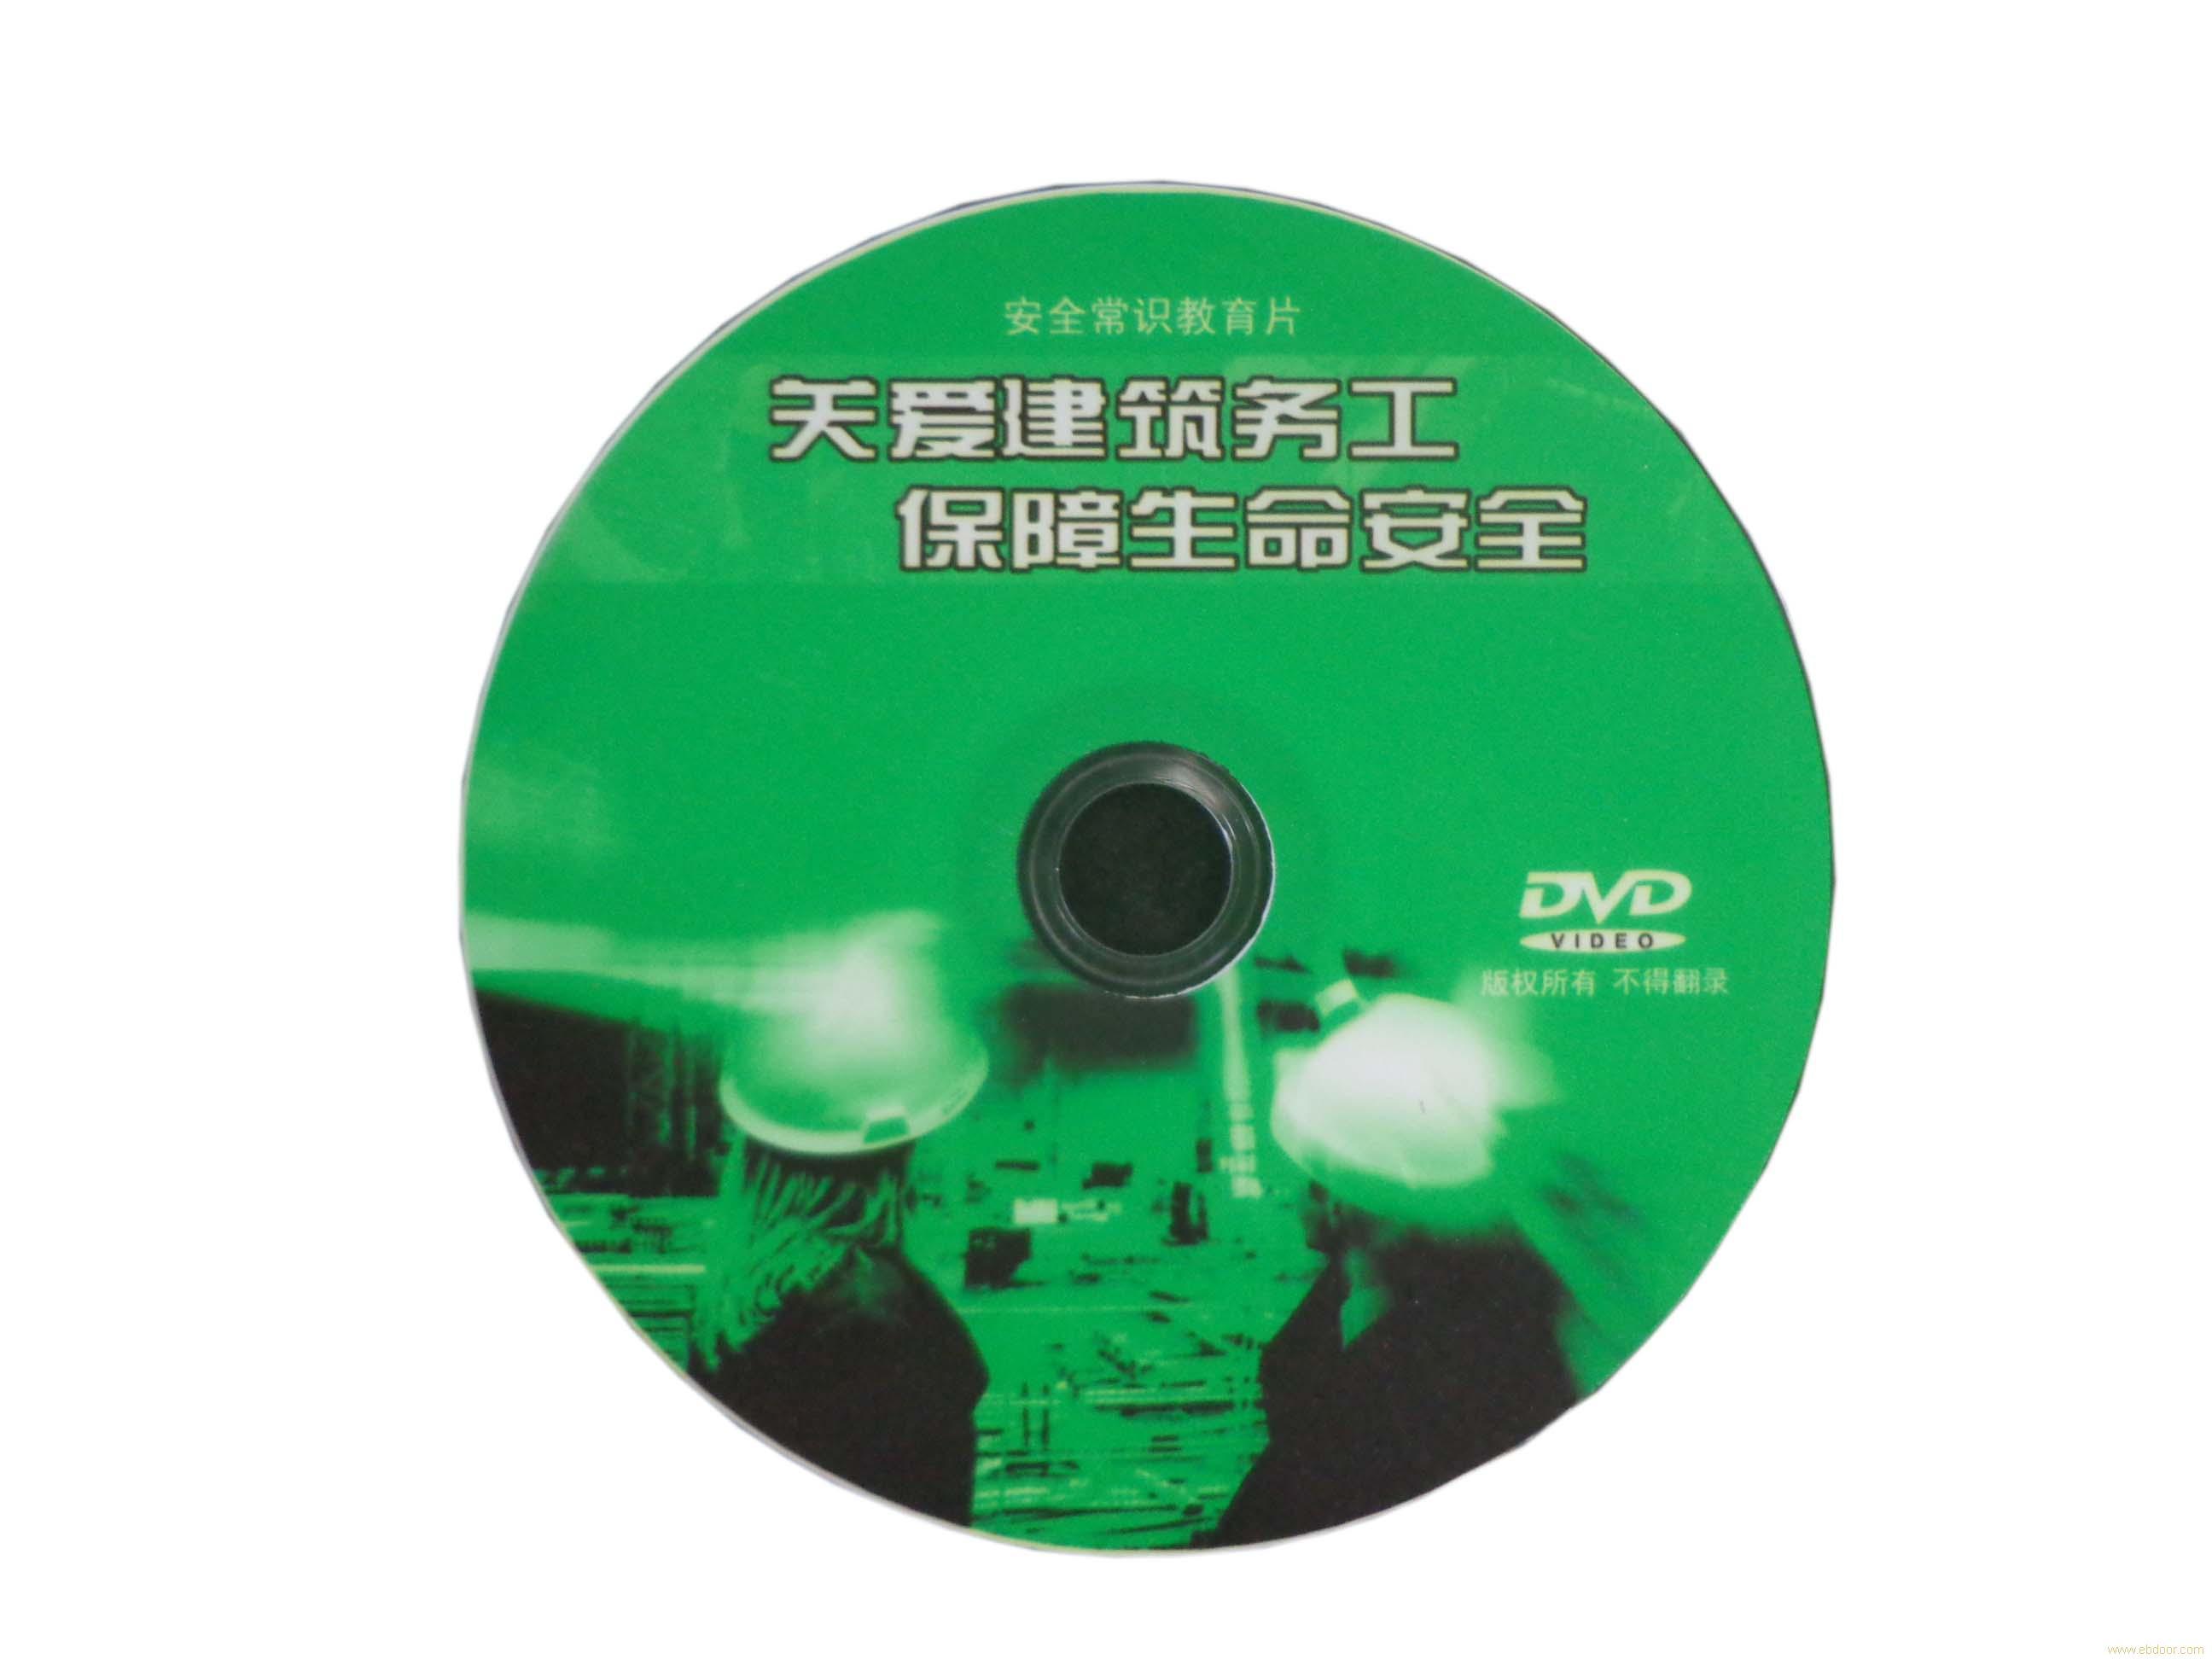 产品名称:企业光盘刊物设计